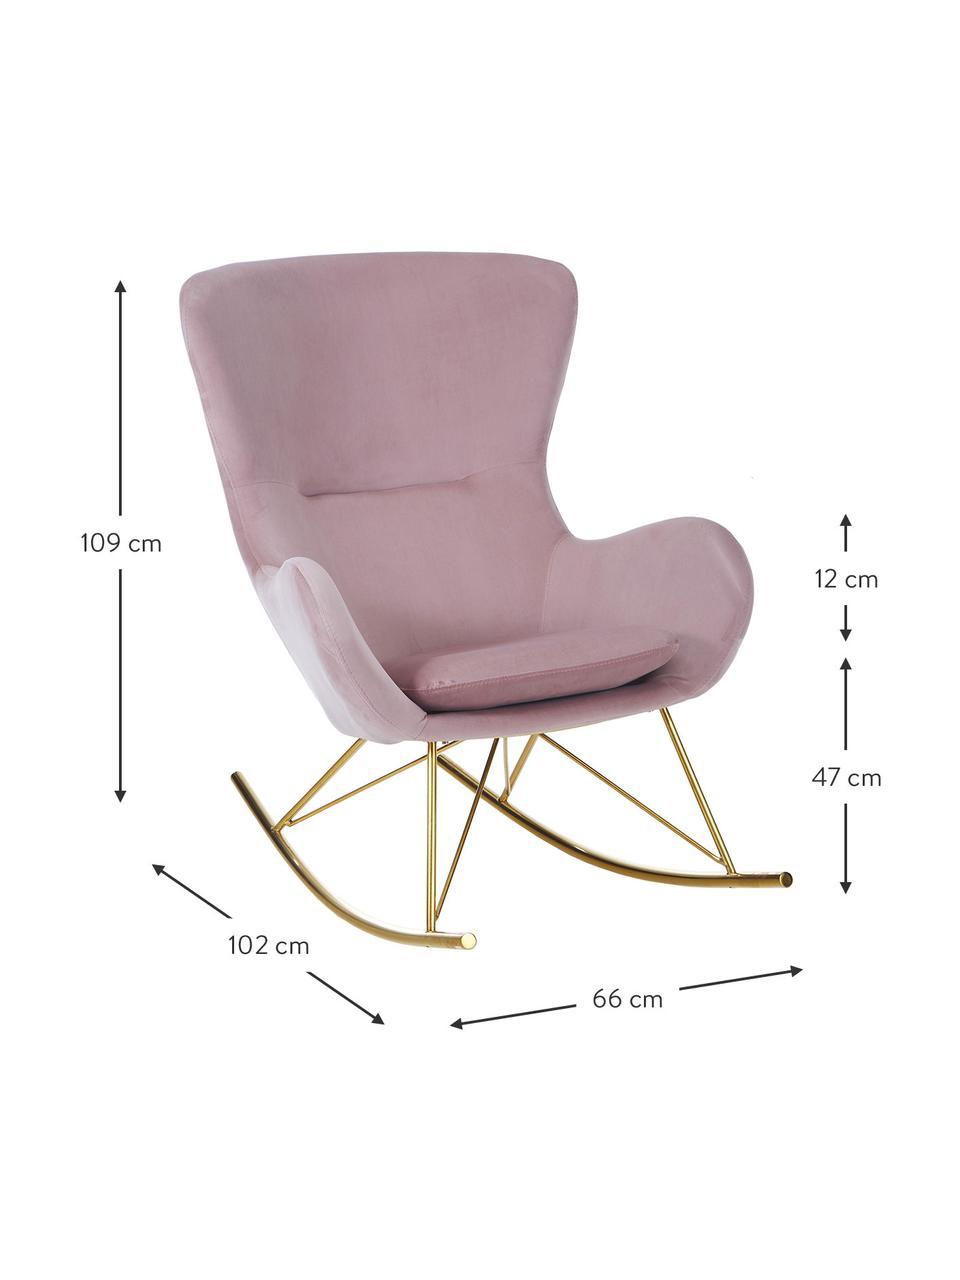 Mecedorade terciopelo Wing, Tapizado: terciopelo (poliéster) Al, Estructura: metal galvanizado, Terciopelo rosa, dorado, An 66 x F 102 cm